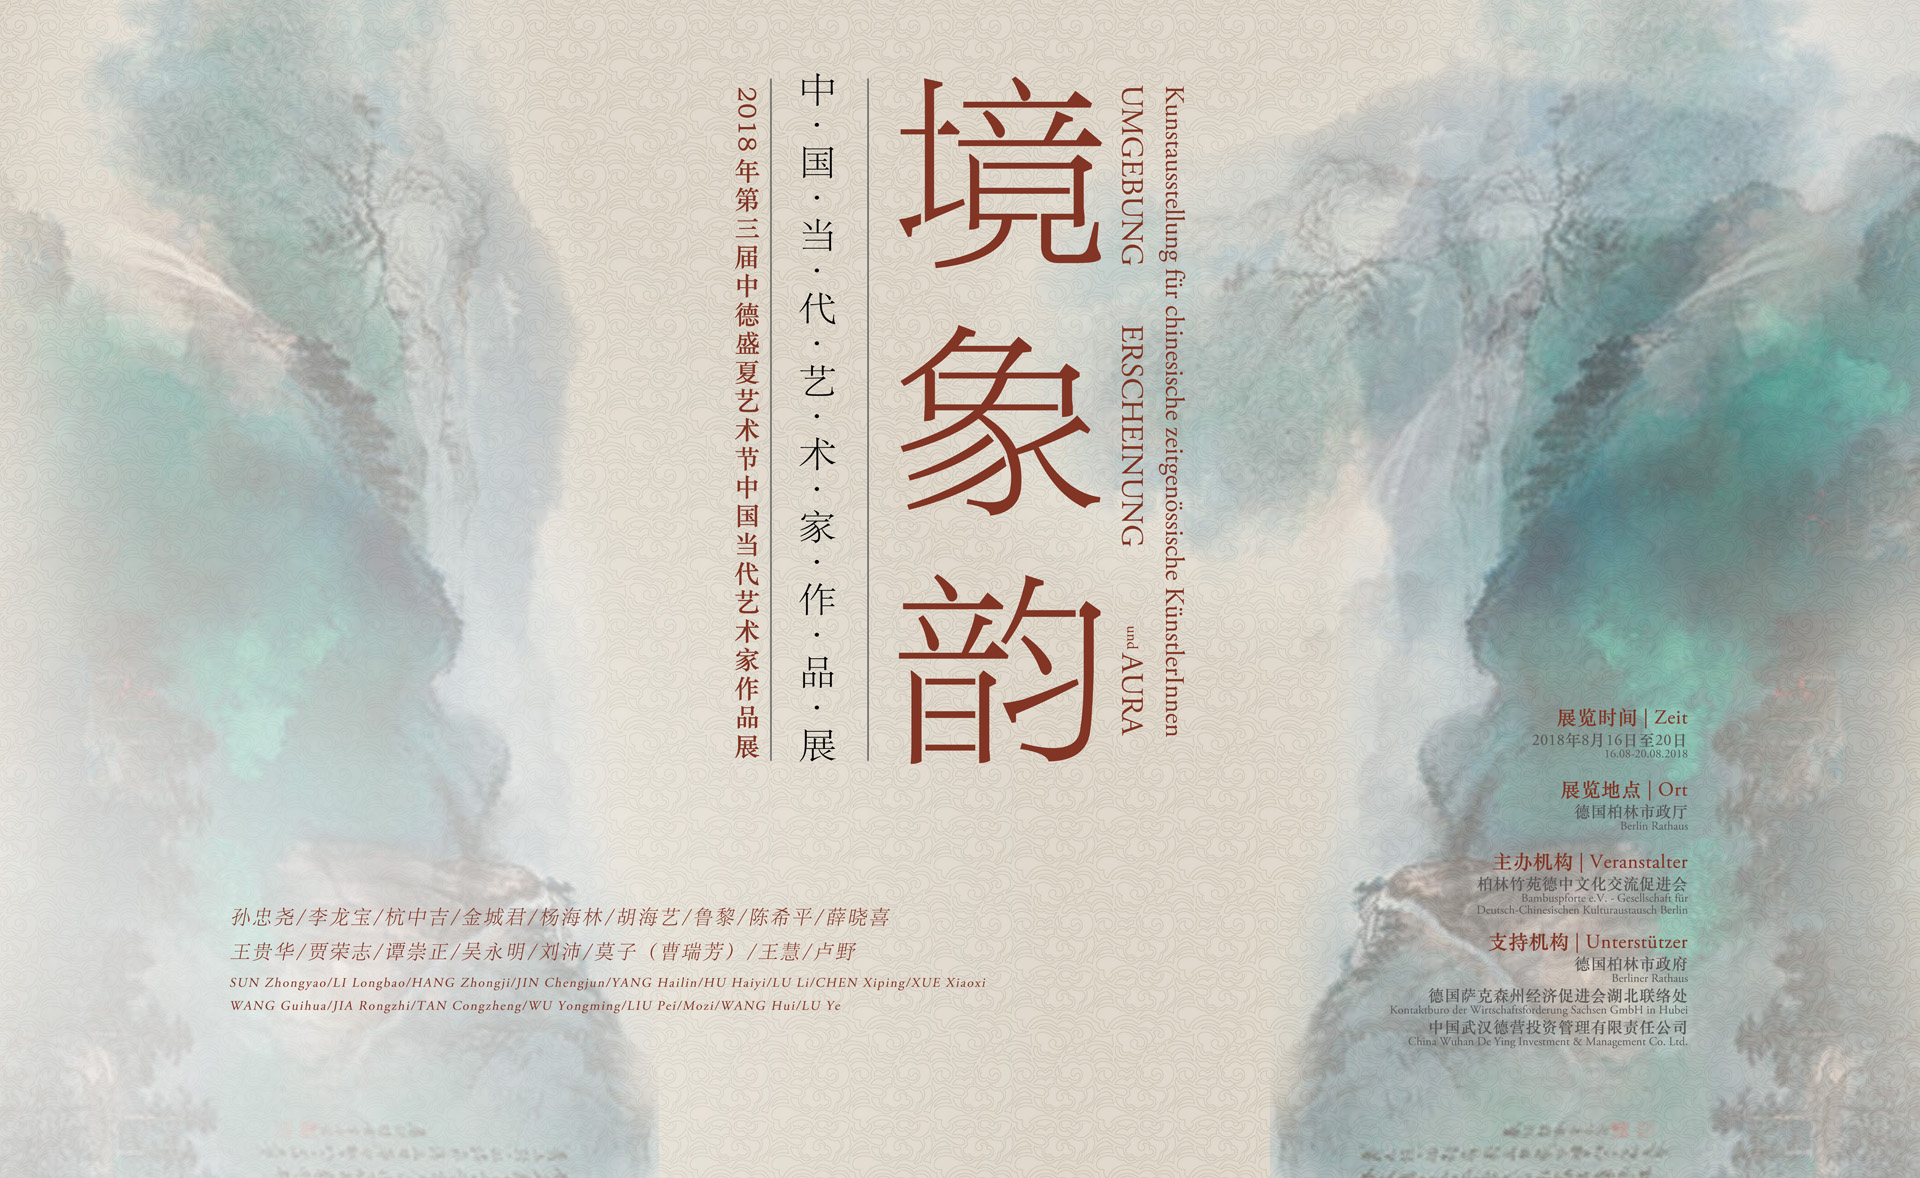 Umgebung, Erscheinung und Aura – Kunstausstellung für chinesische ...